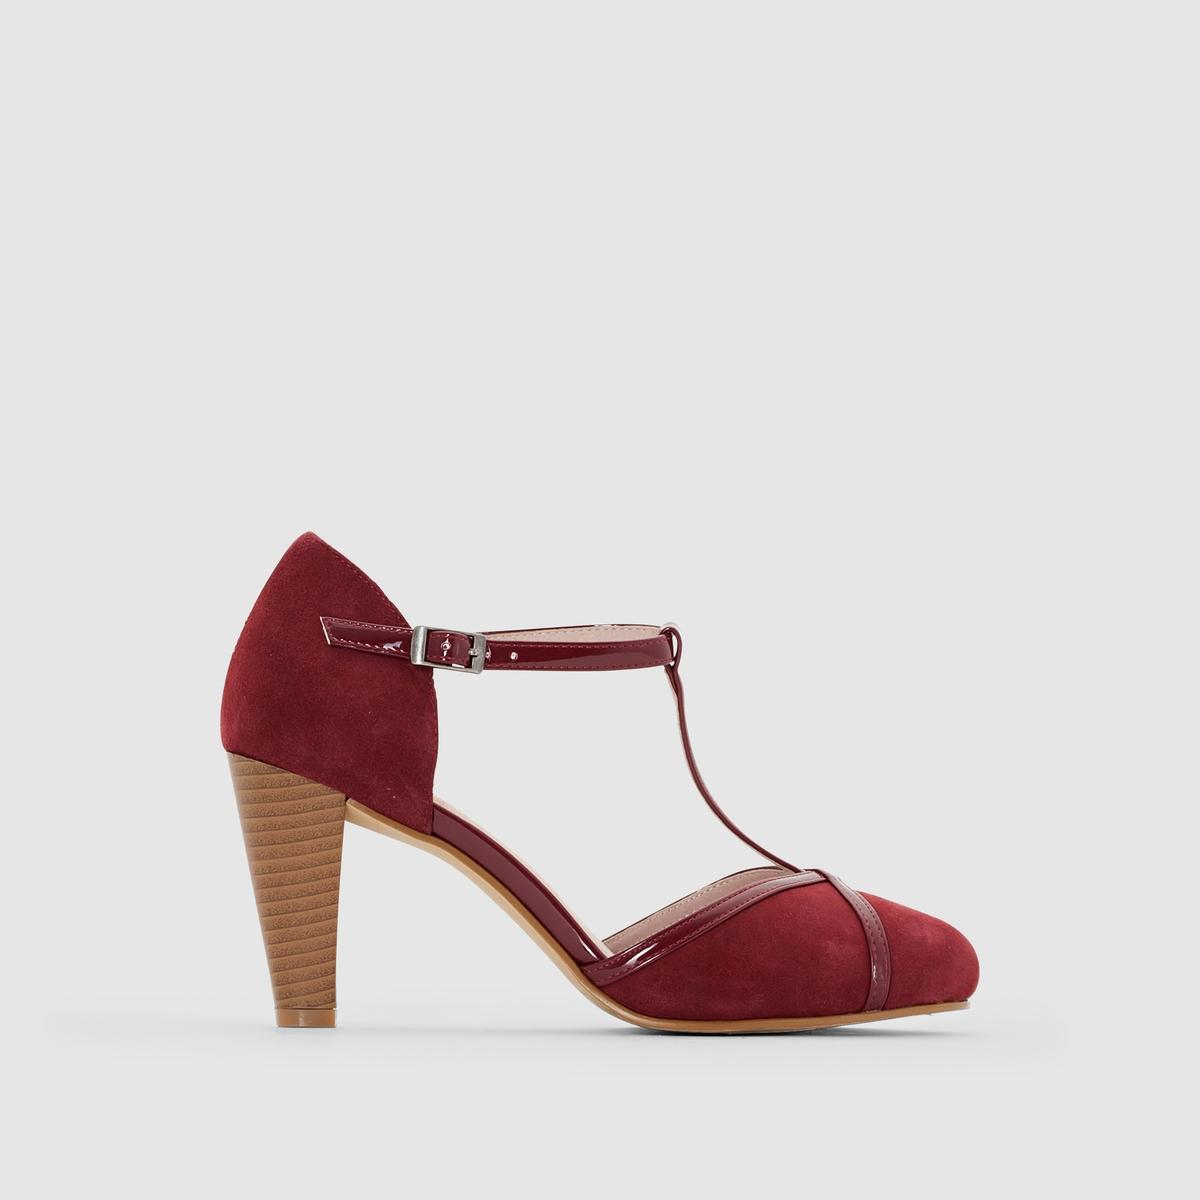 Sapatos em pele aveludada